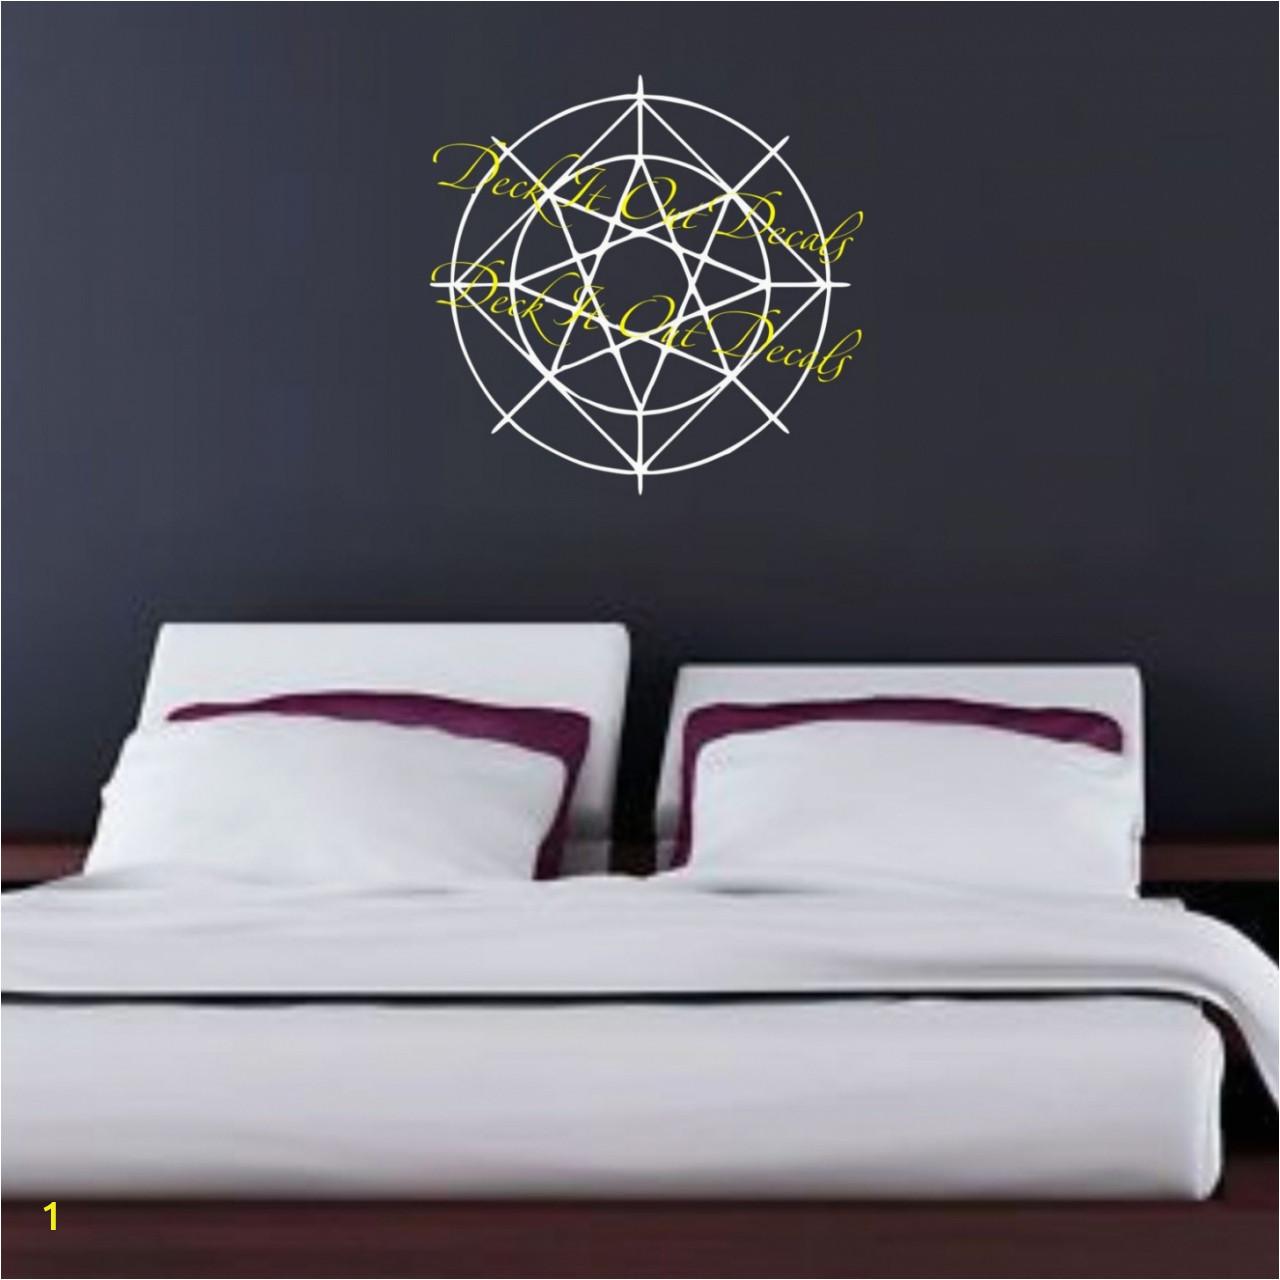 bedroom arrangement ideas lovely wall decal luxury 1 kirkland wall decor home design 0d durch bedroom arrangement ideas